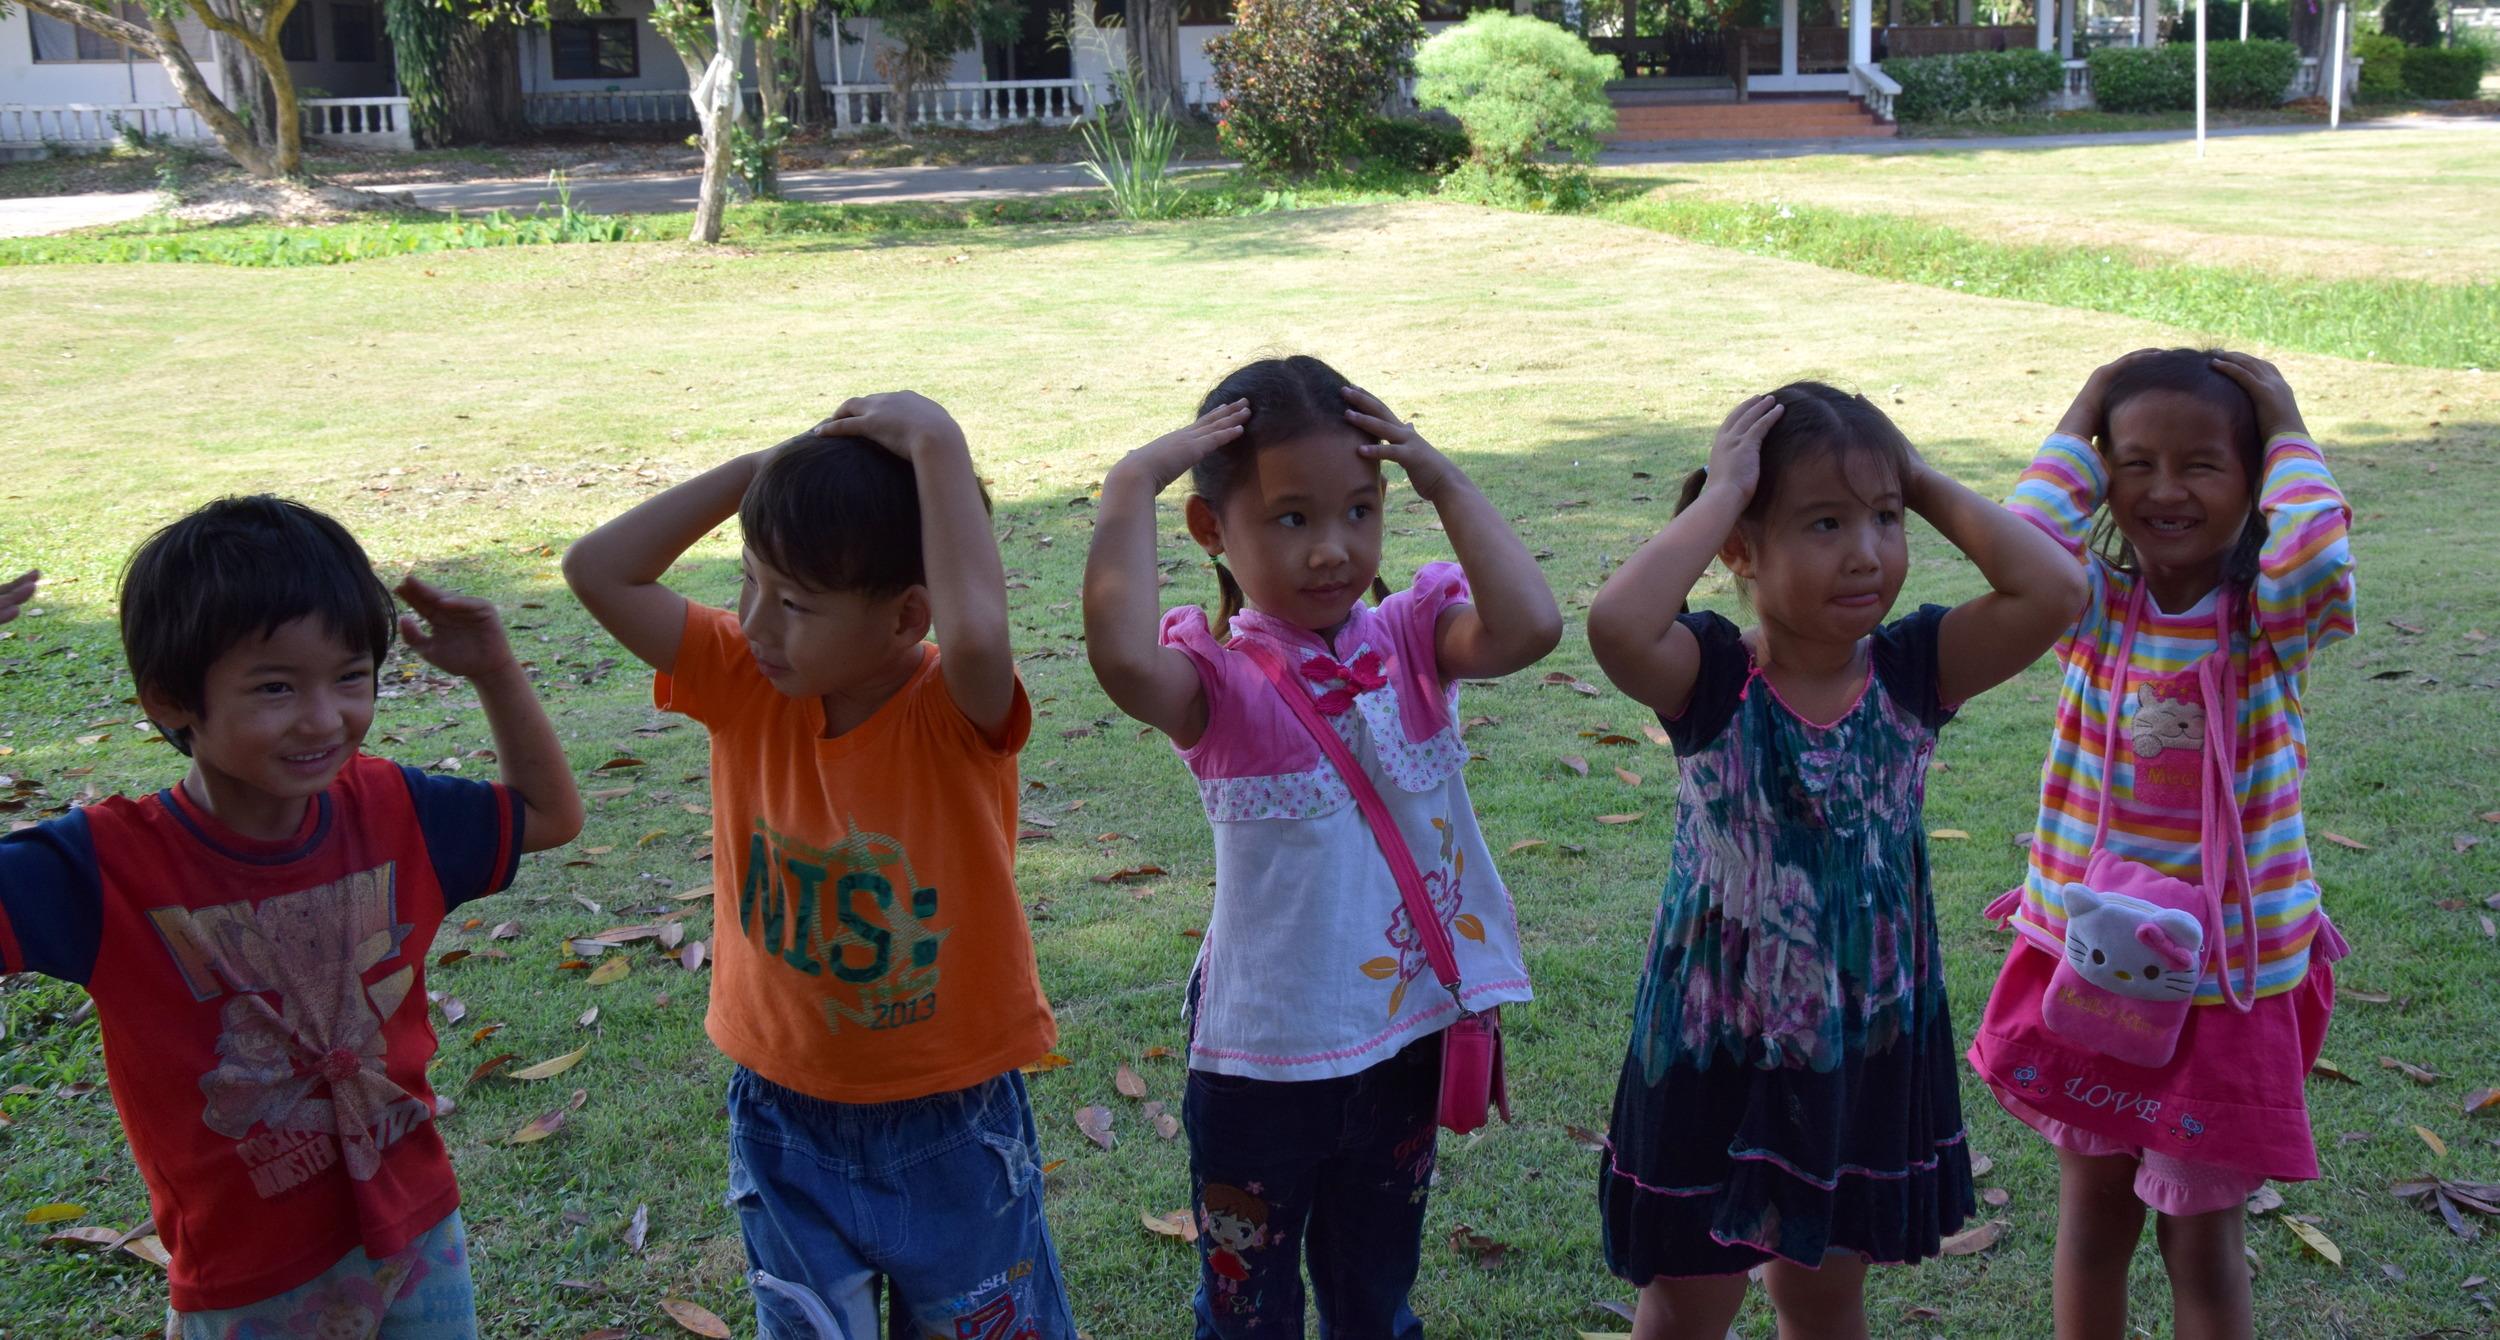 Lapset lähdettiin hakemaan klo. 8 aikoihin eri kylistä ja 9 saimme aloittaa ohjelman. Kids club sisälsi leikkejä, englannin kielen opetusta, musiikkia ja ruokailu.